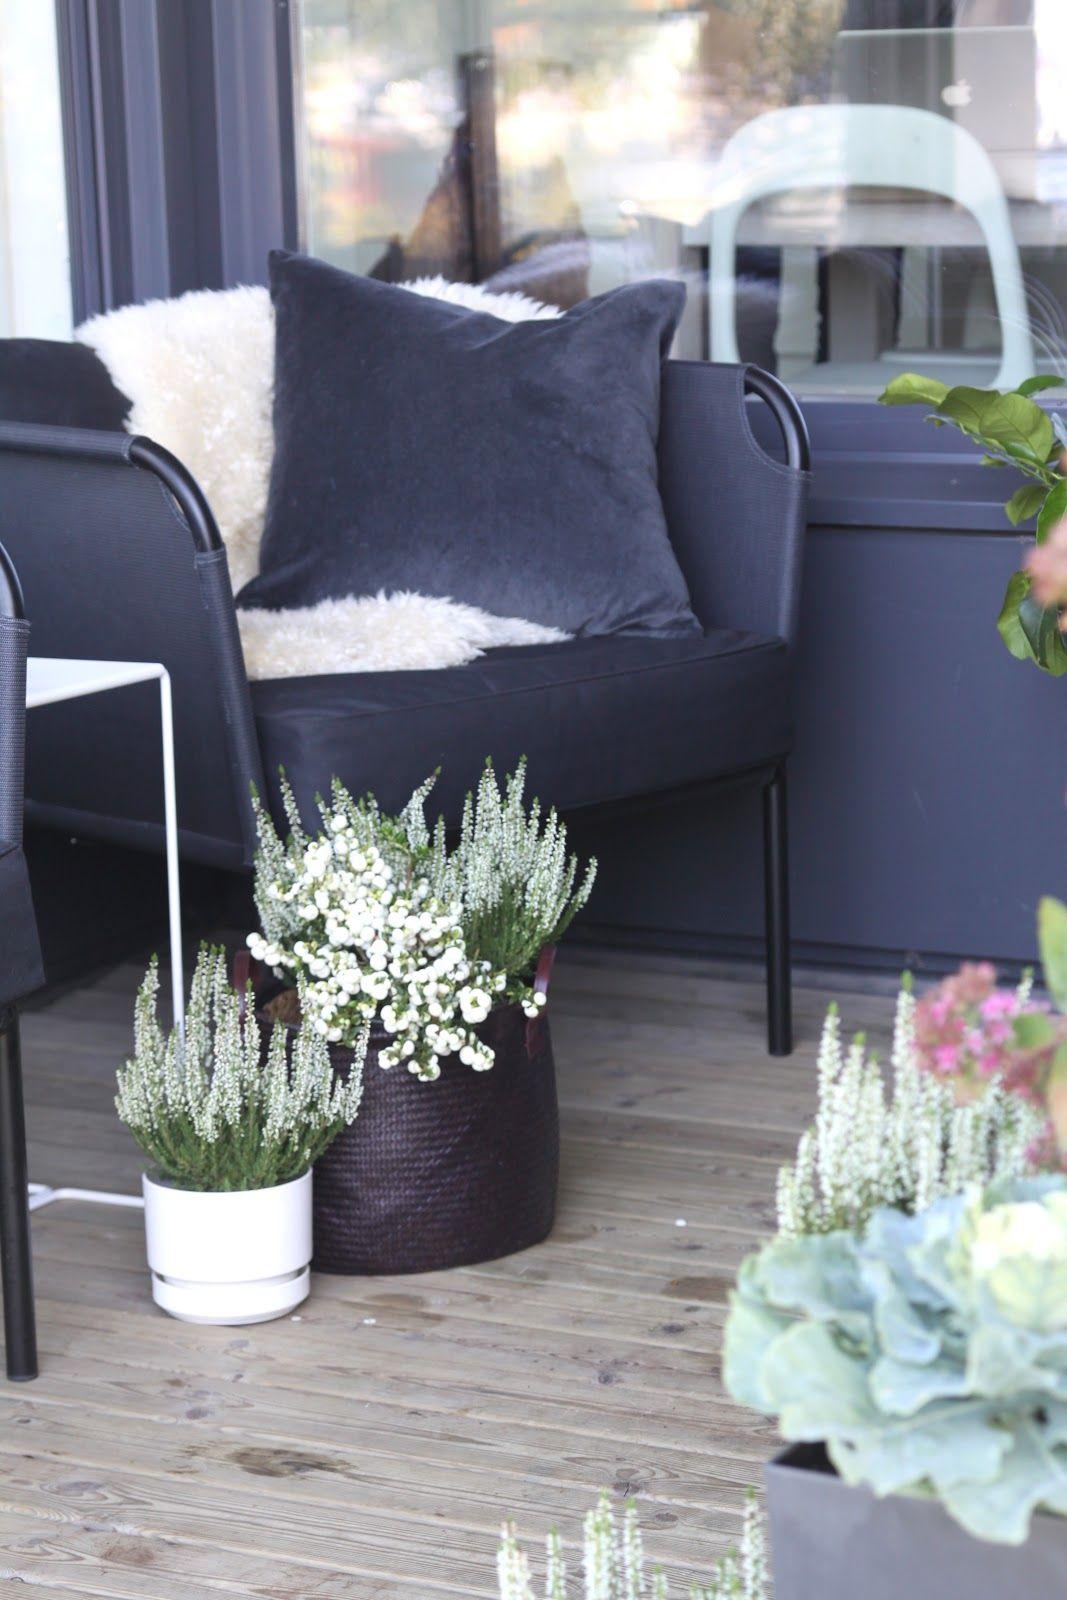 muotoseikka\ Terassin syksy / Autumn plants